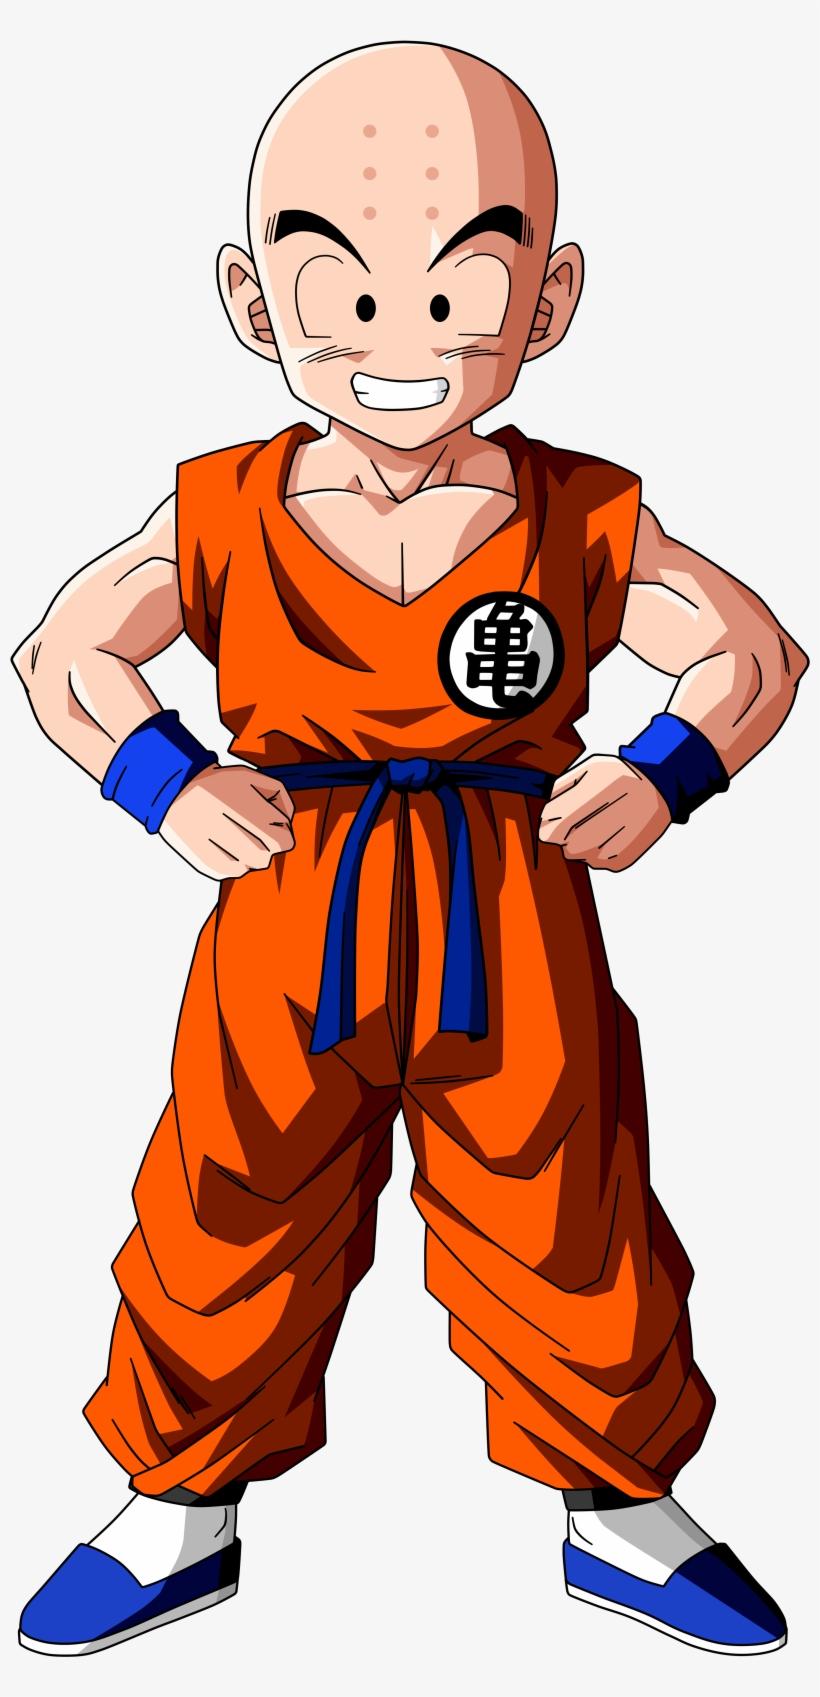 Krilin Dragon Ball Z.